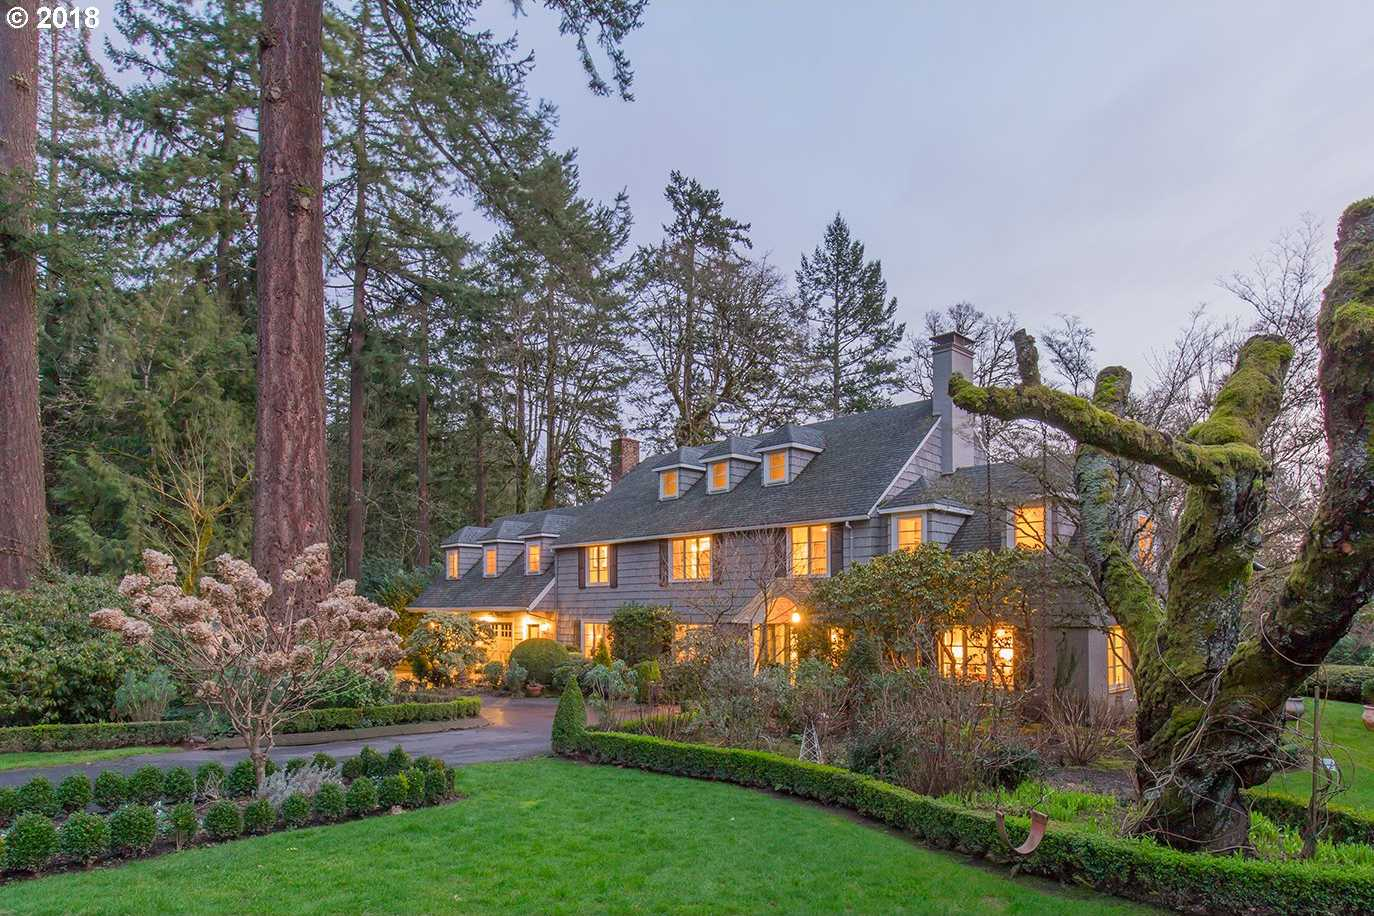 $2,625,000 - 4Br/4Ba -  for Sale in Dunthorpe, Portland